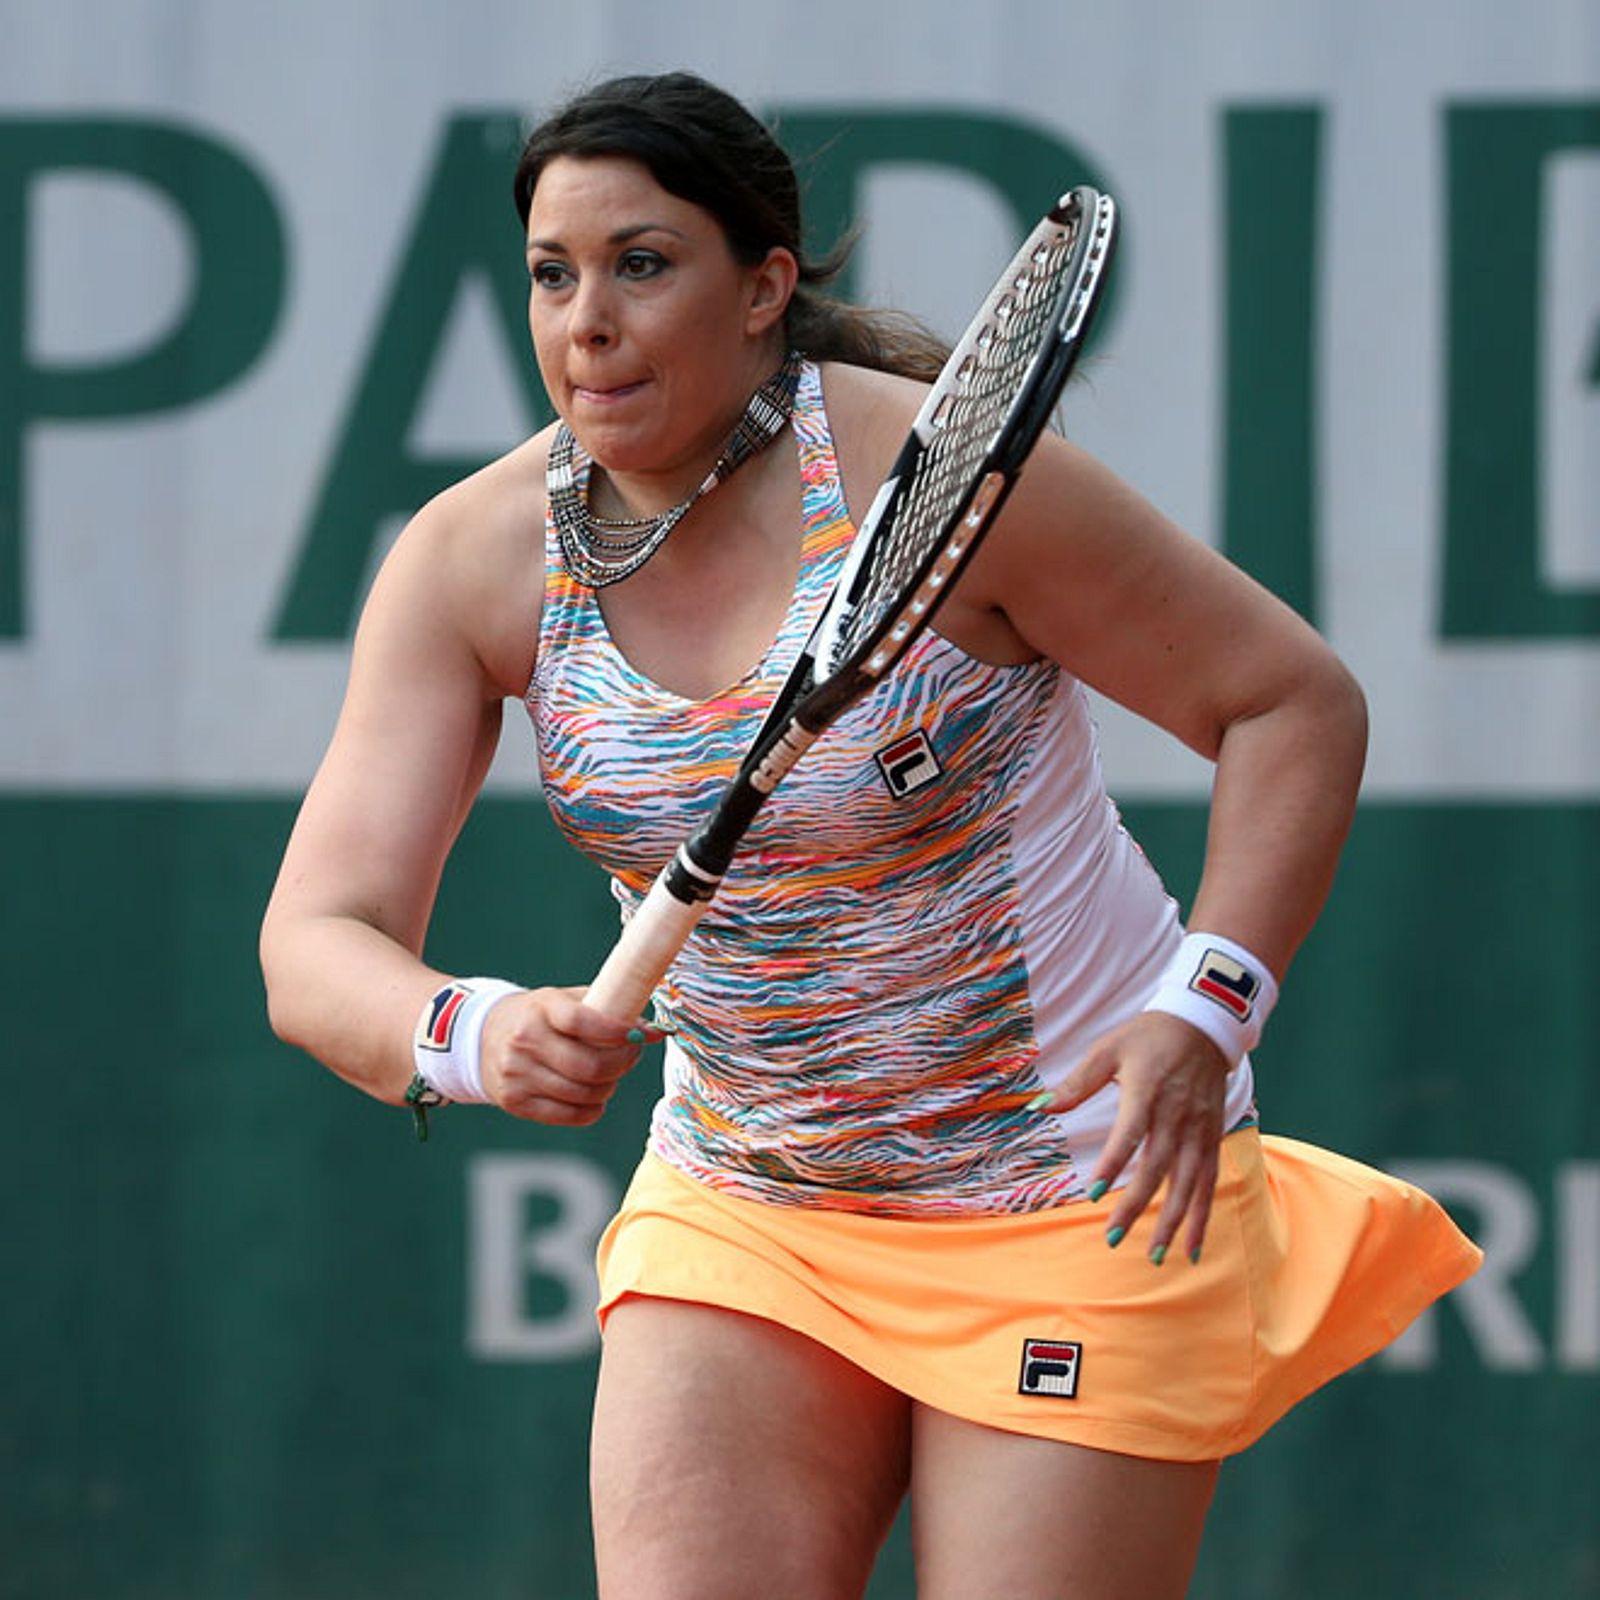 Marion Bartoli: Abgemagerte Tennis-Spielerin hat ihren